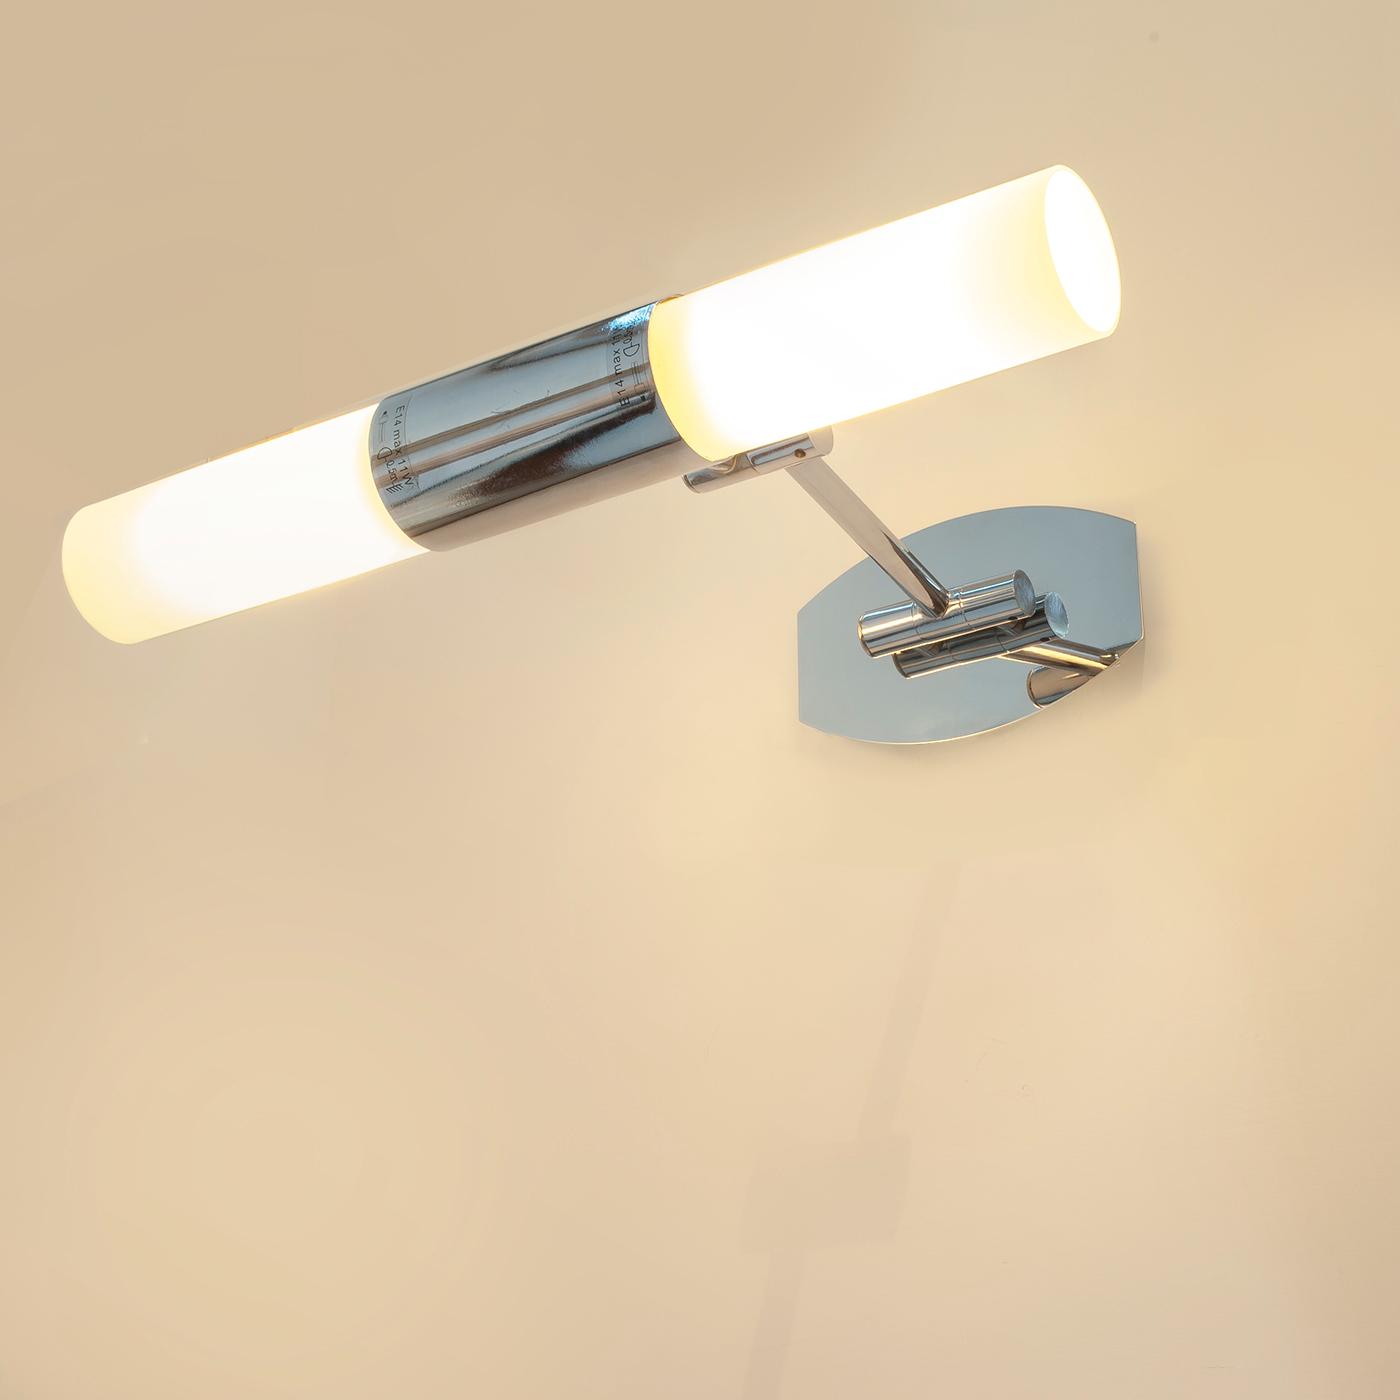 Lampade Per Bagno Da Specchio.Lampada Luce Specchio Applique Led Con Rifinitura Cromo Lucido